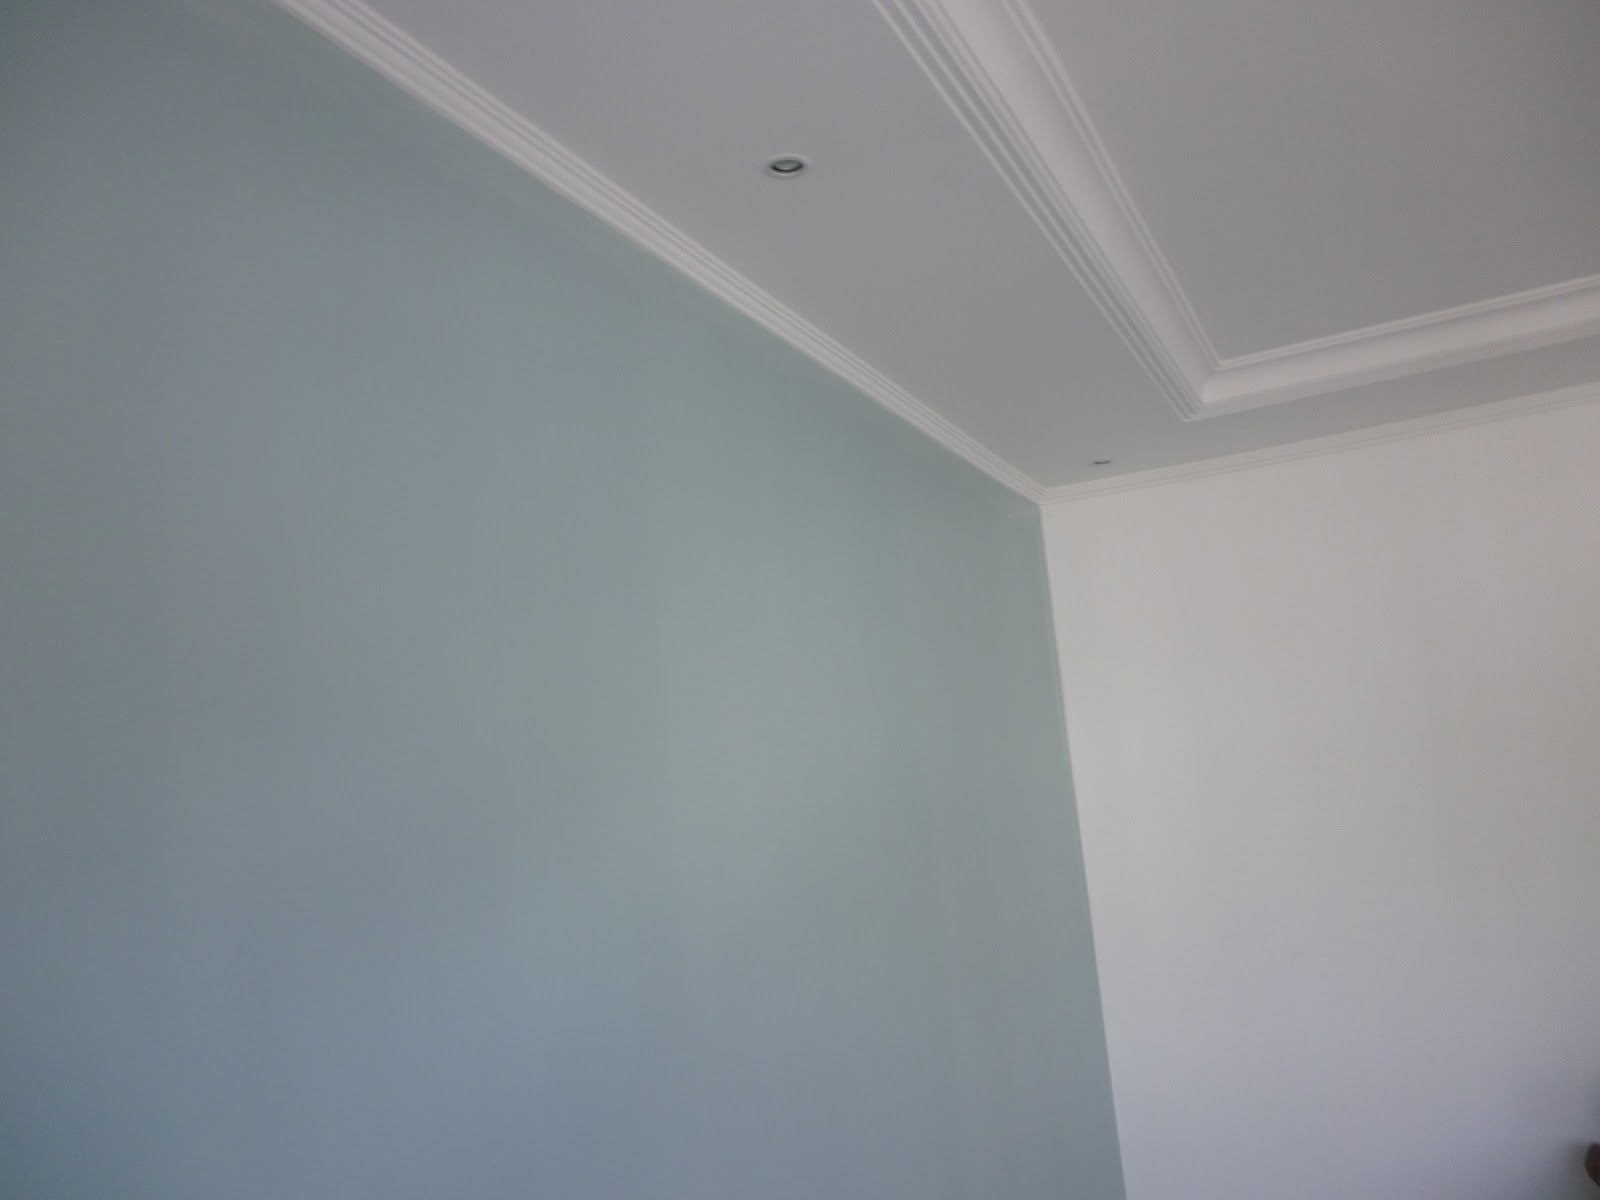 Pintura limpa Processo de pintura da sala de um cliente  ~ Quarto Pintado Branco Gelo